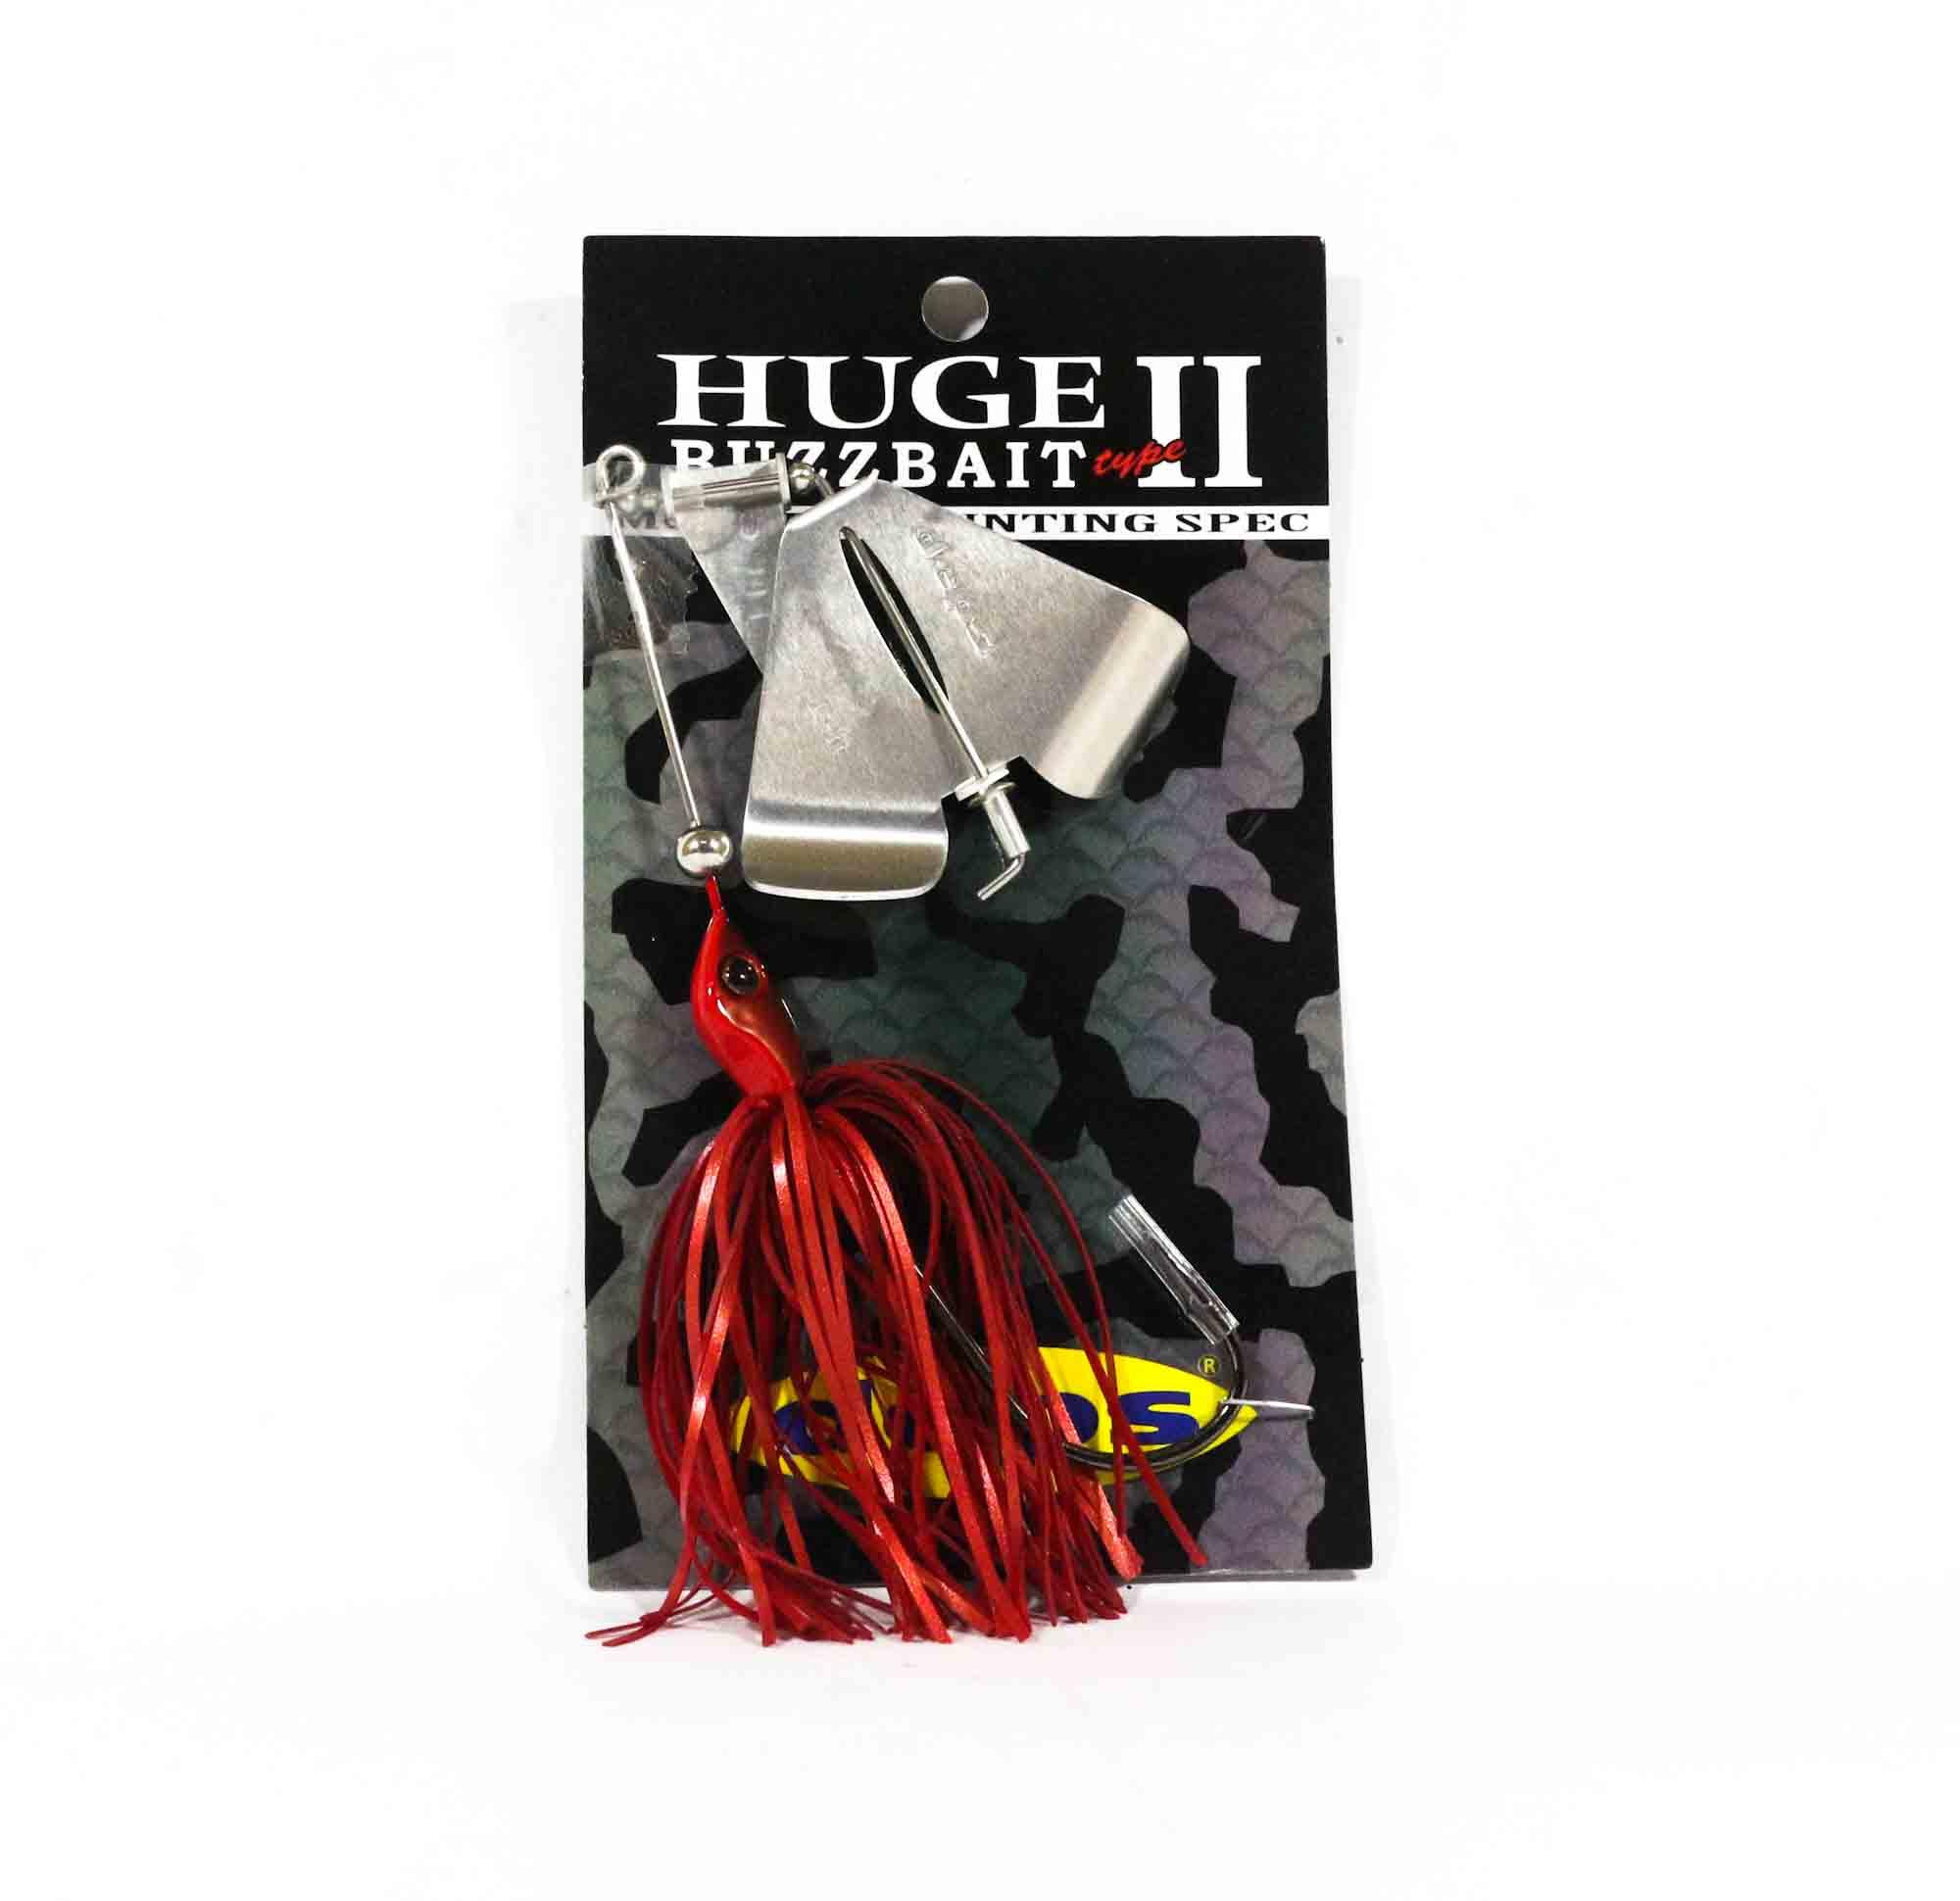 Deps Huge Custom Buzz Bait Type II 1/2 oz Hook Size 9/0 03 (3037)